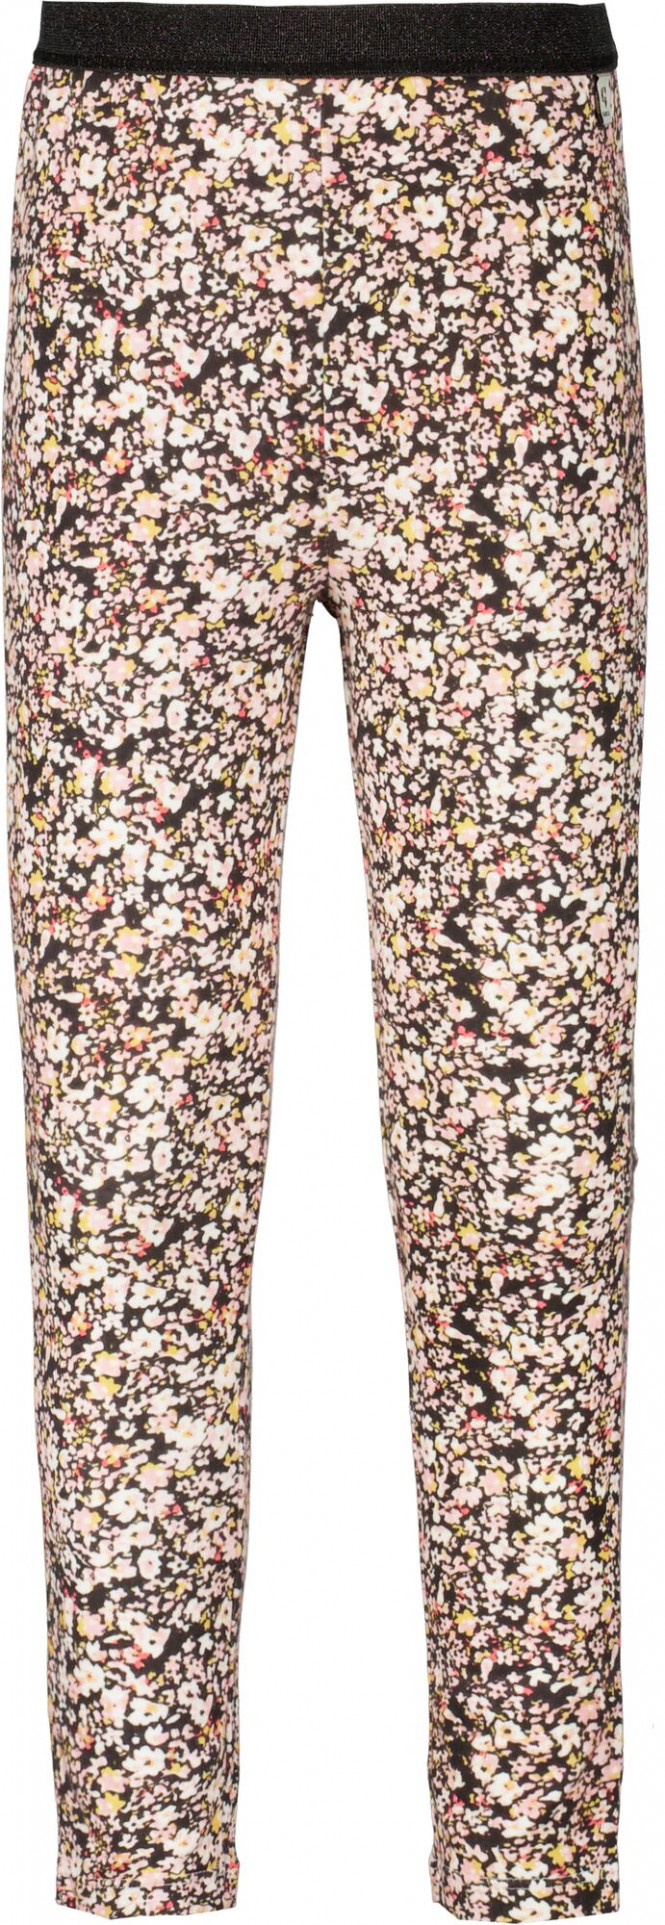 Legging Blommor Dark Grey